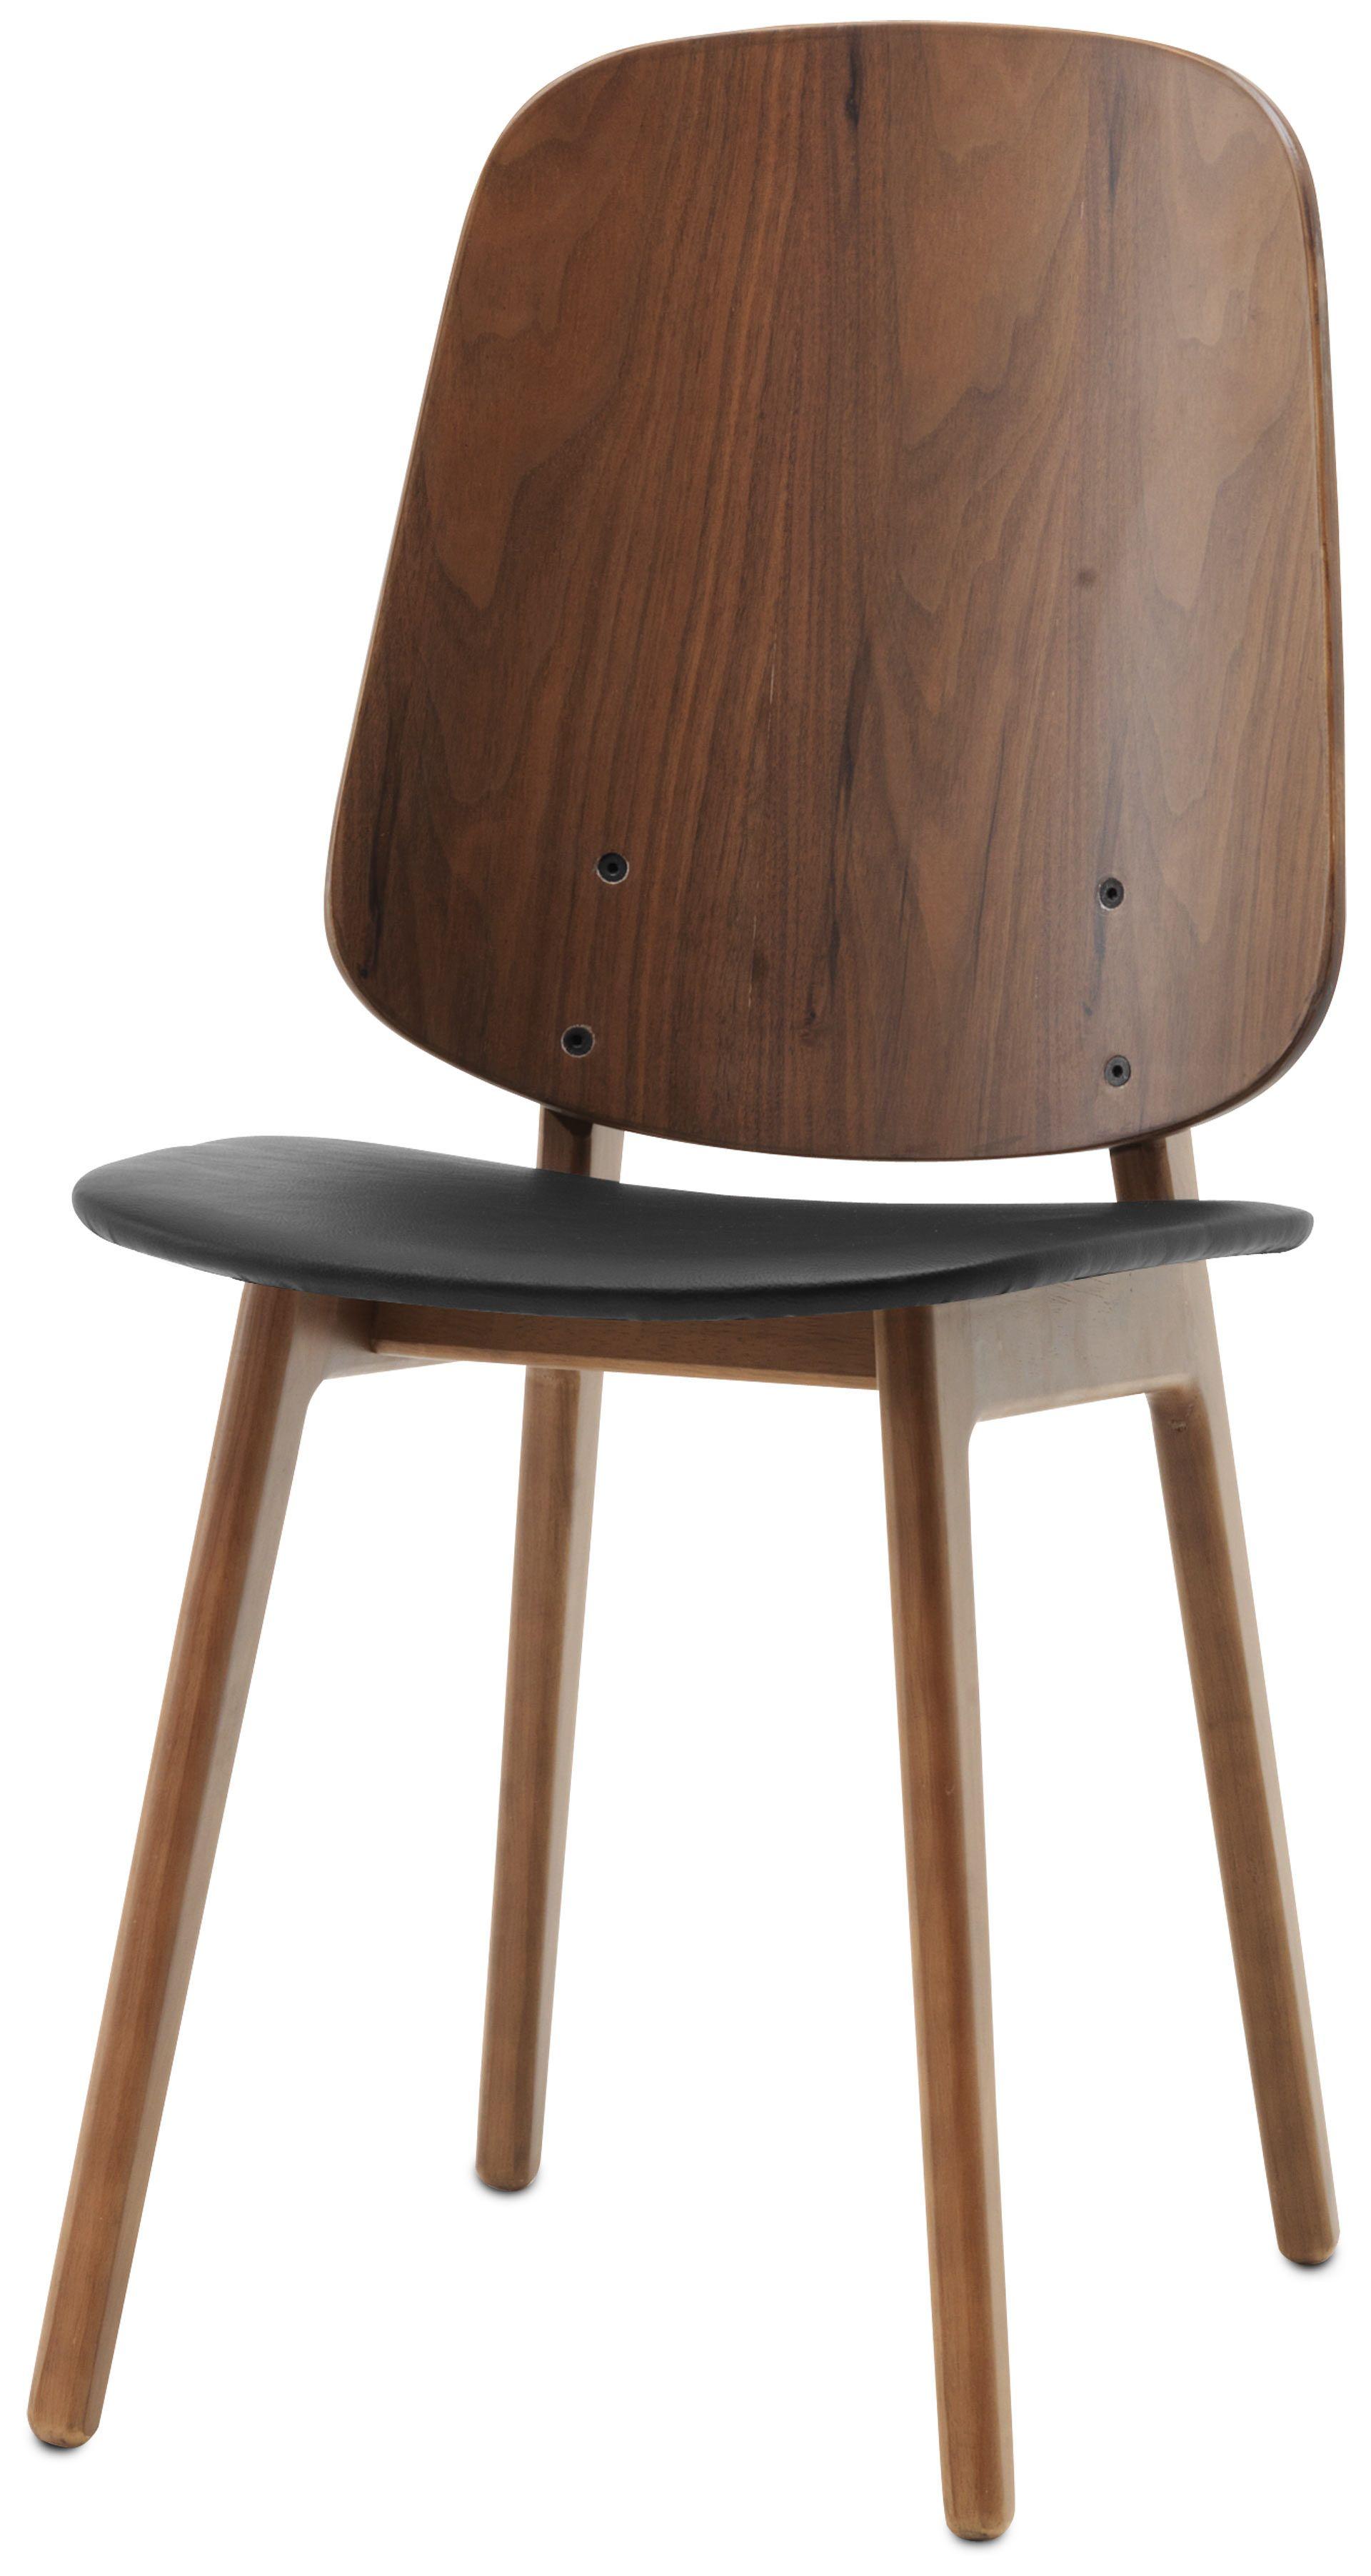 moderne designer esszimmerst hle online kaufen boconcept. Black Bedroom Furniture Sets. Home Design Ideas